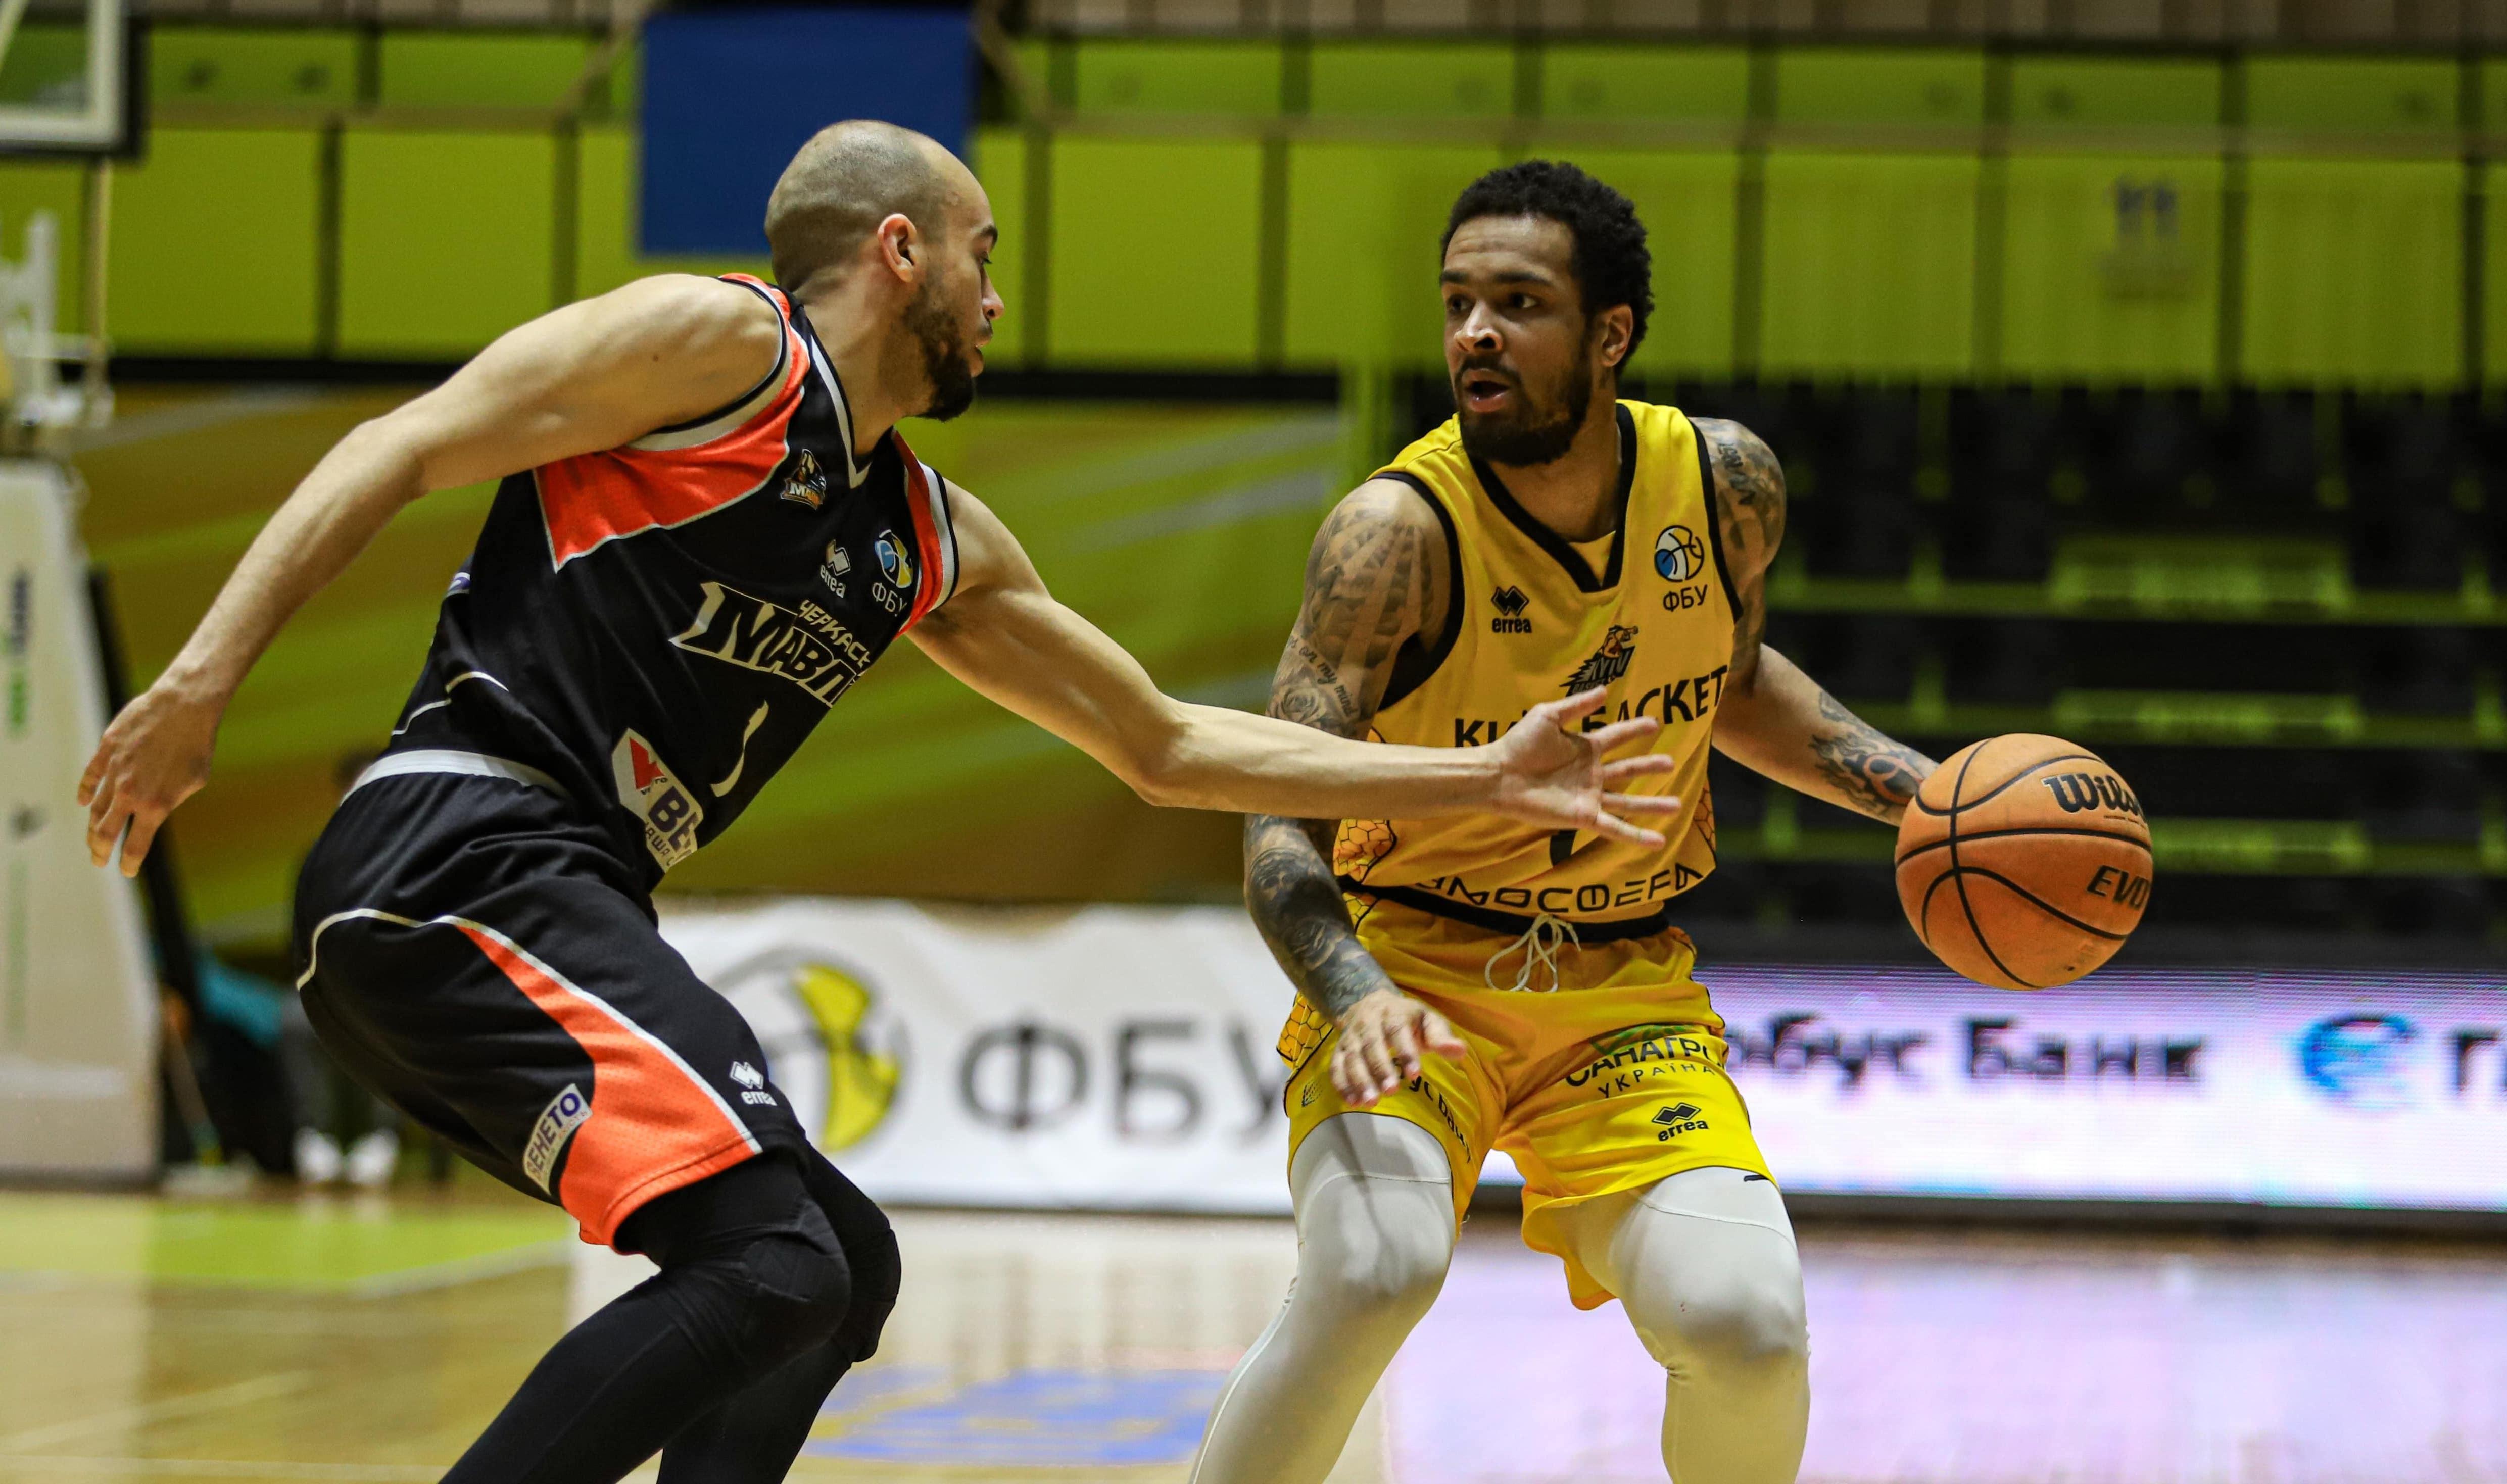 Київ-Баскет розгромив Черкаські Мавпи у стартовому матчі плей-оф